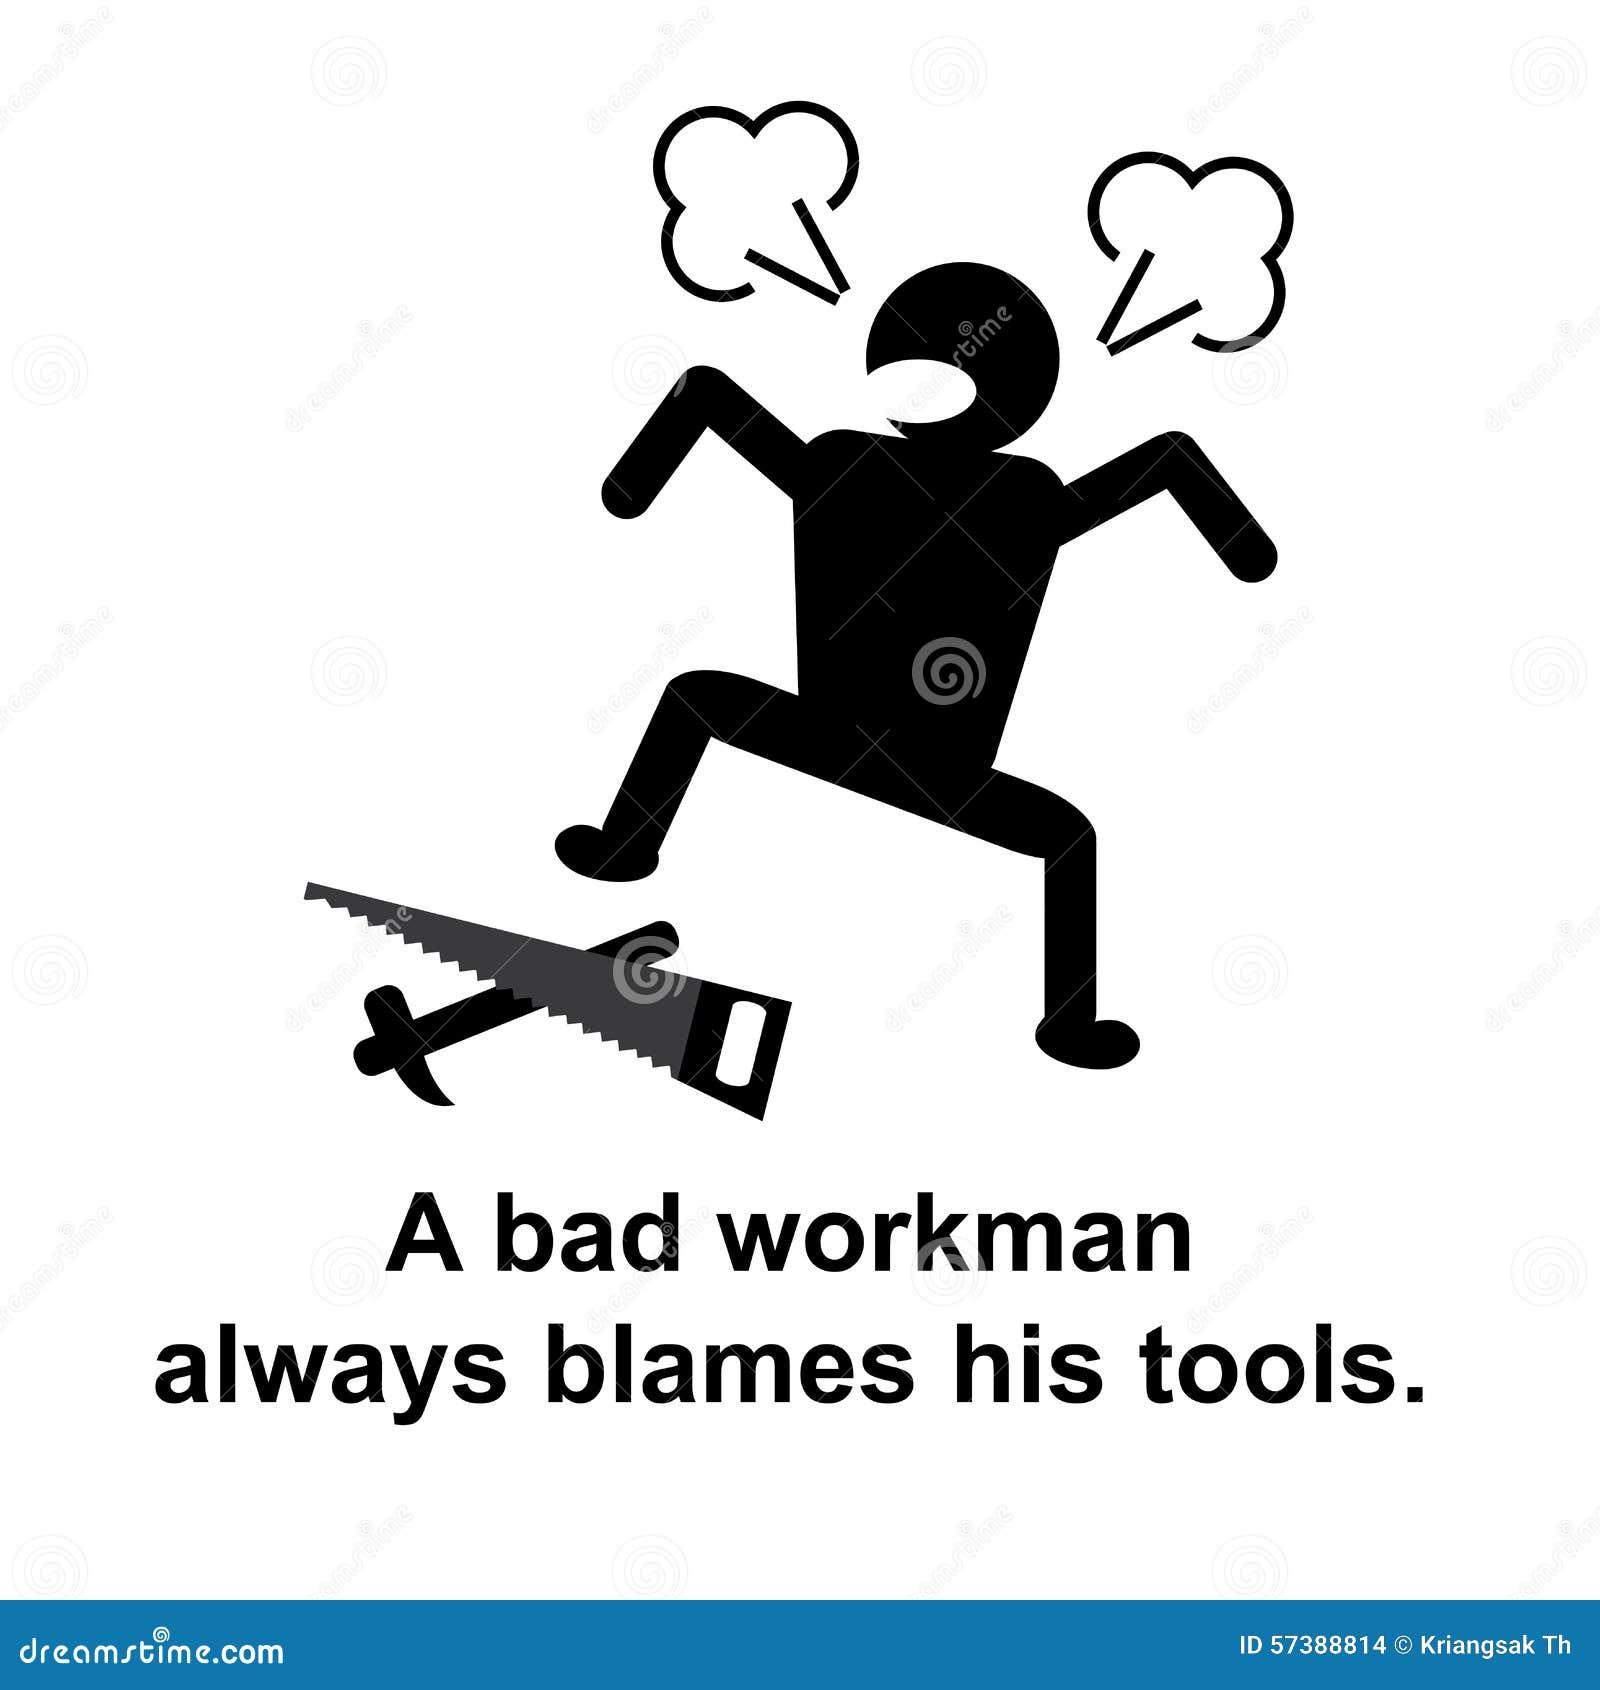 Engels gezegde: Een slechte werkman beschuldigt altijd zijn hulpmiddelen